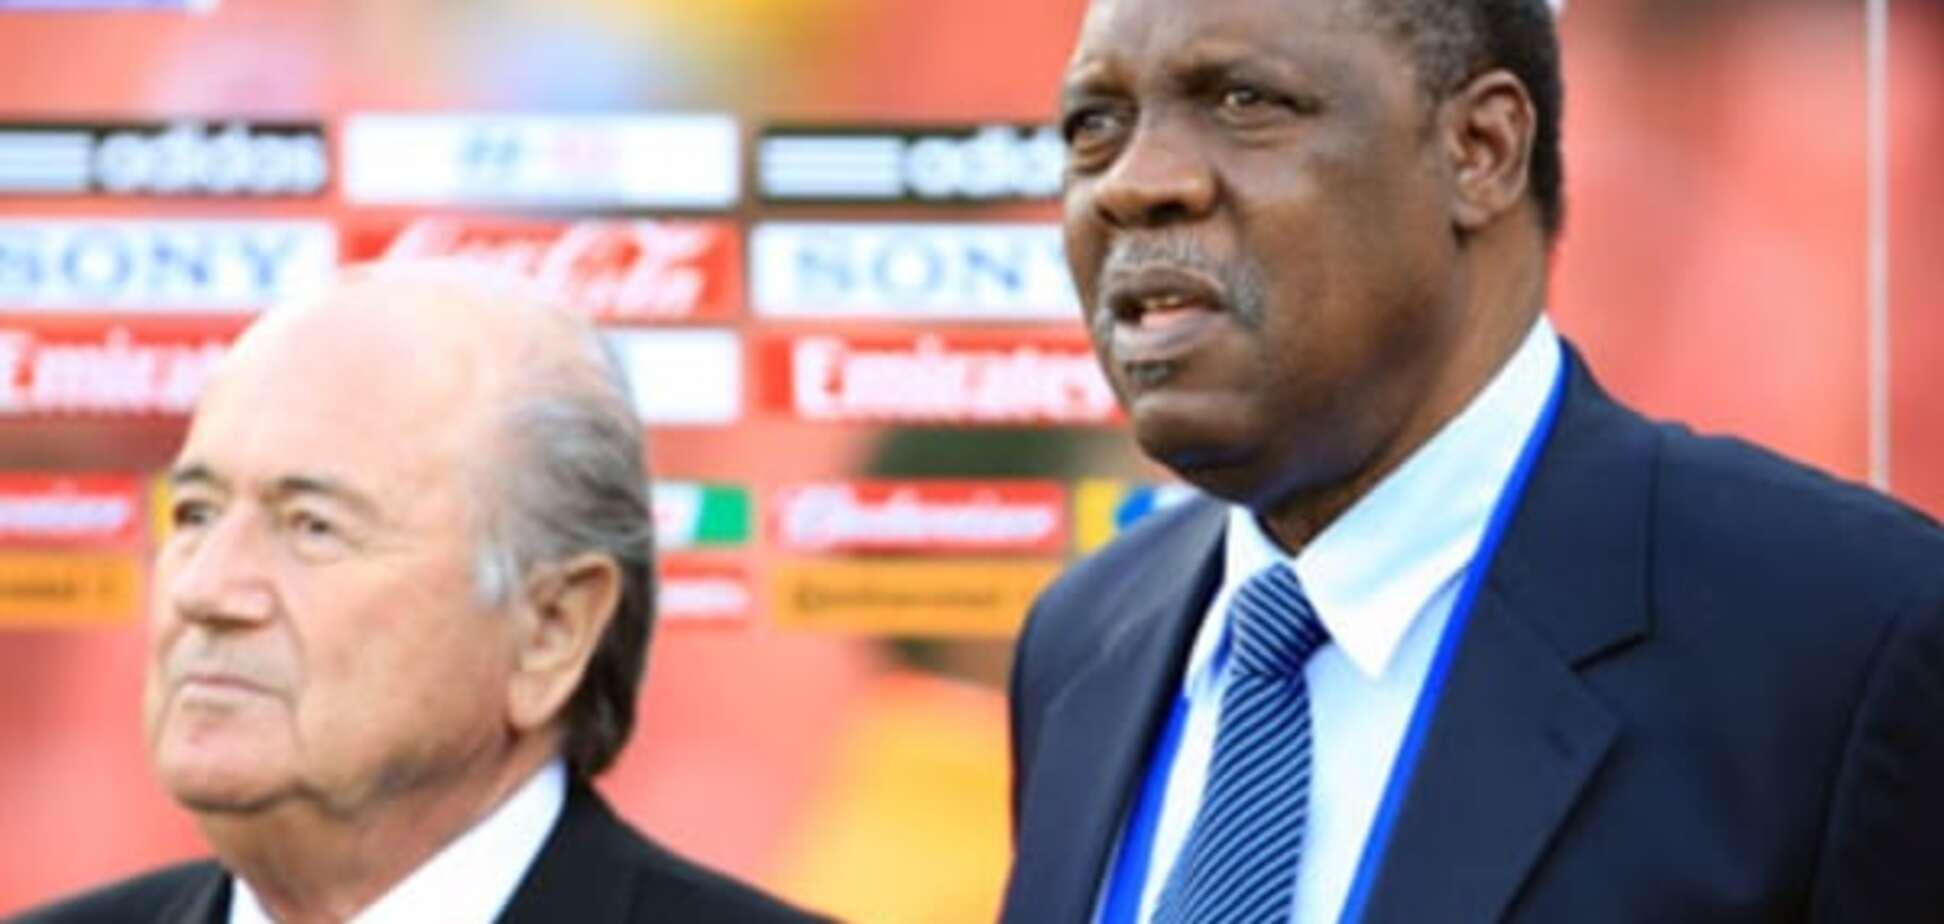 ФИФА впервые возглавил африканец